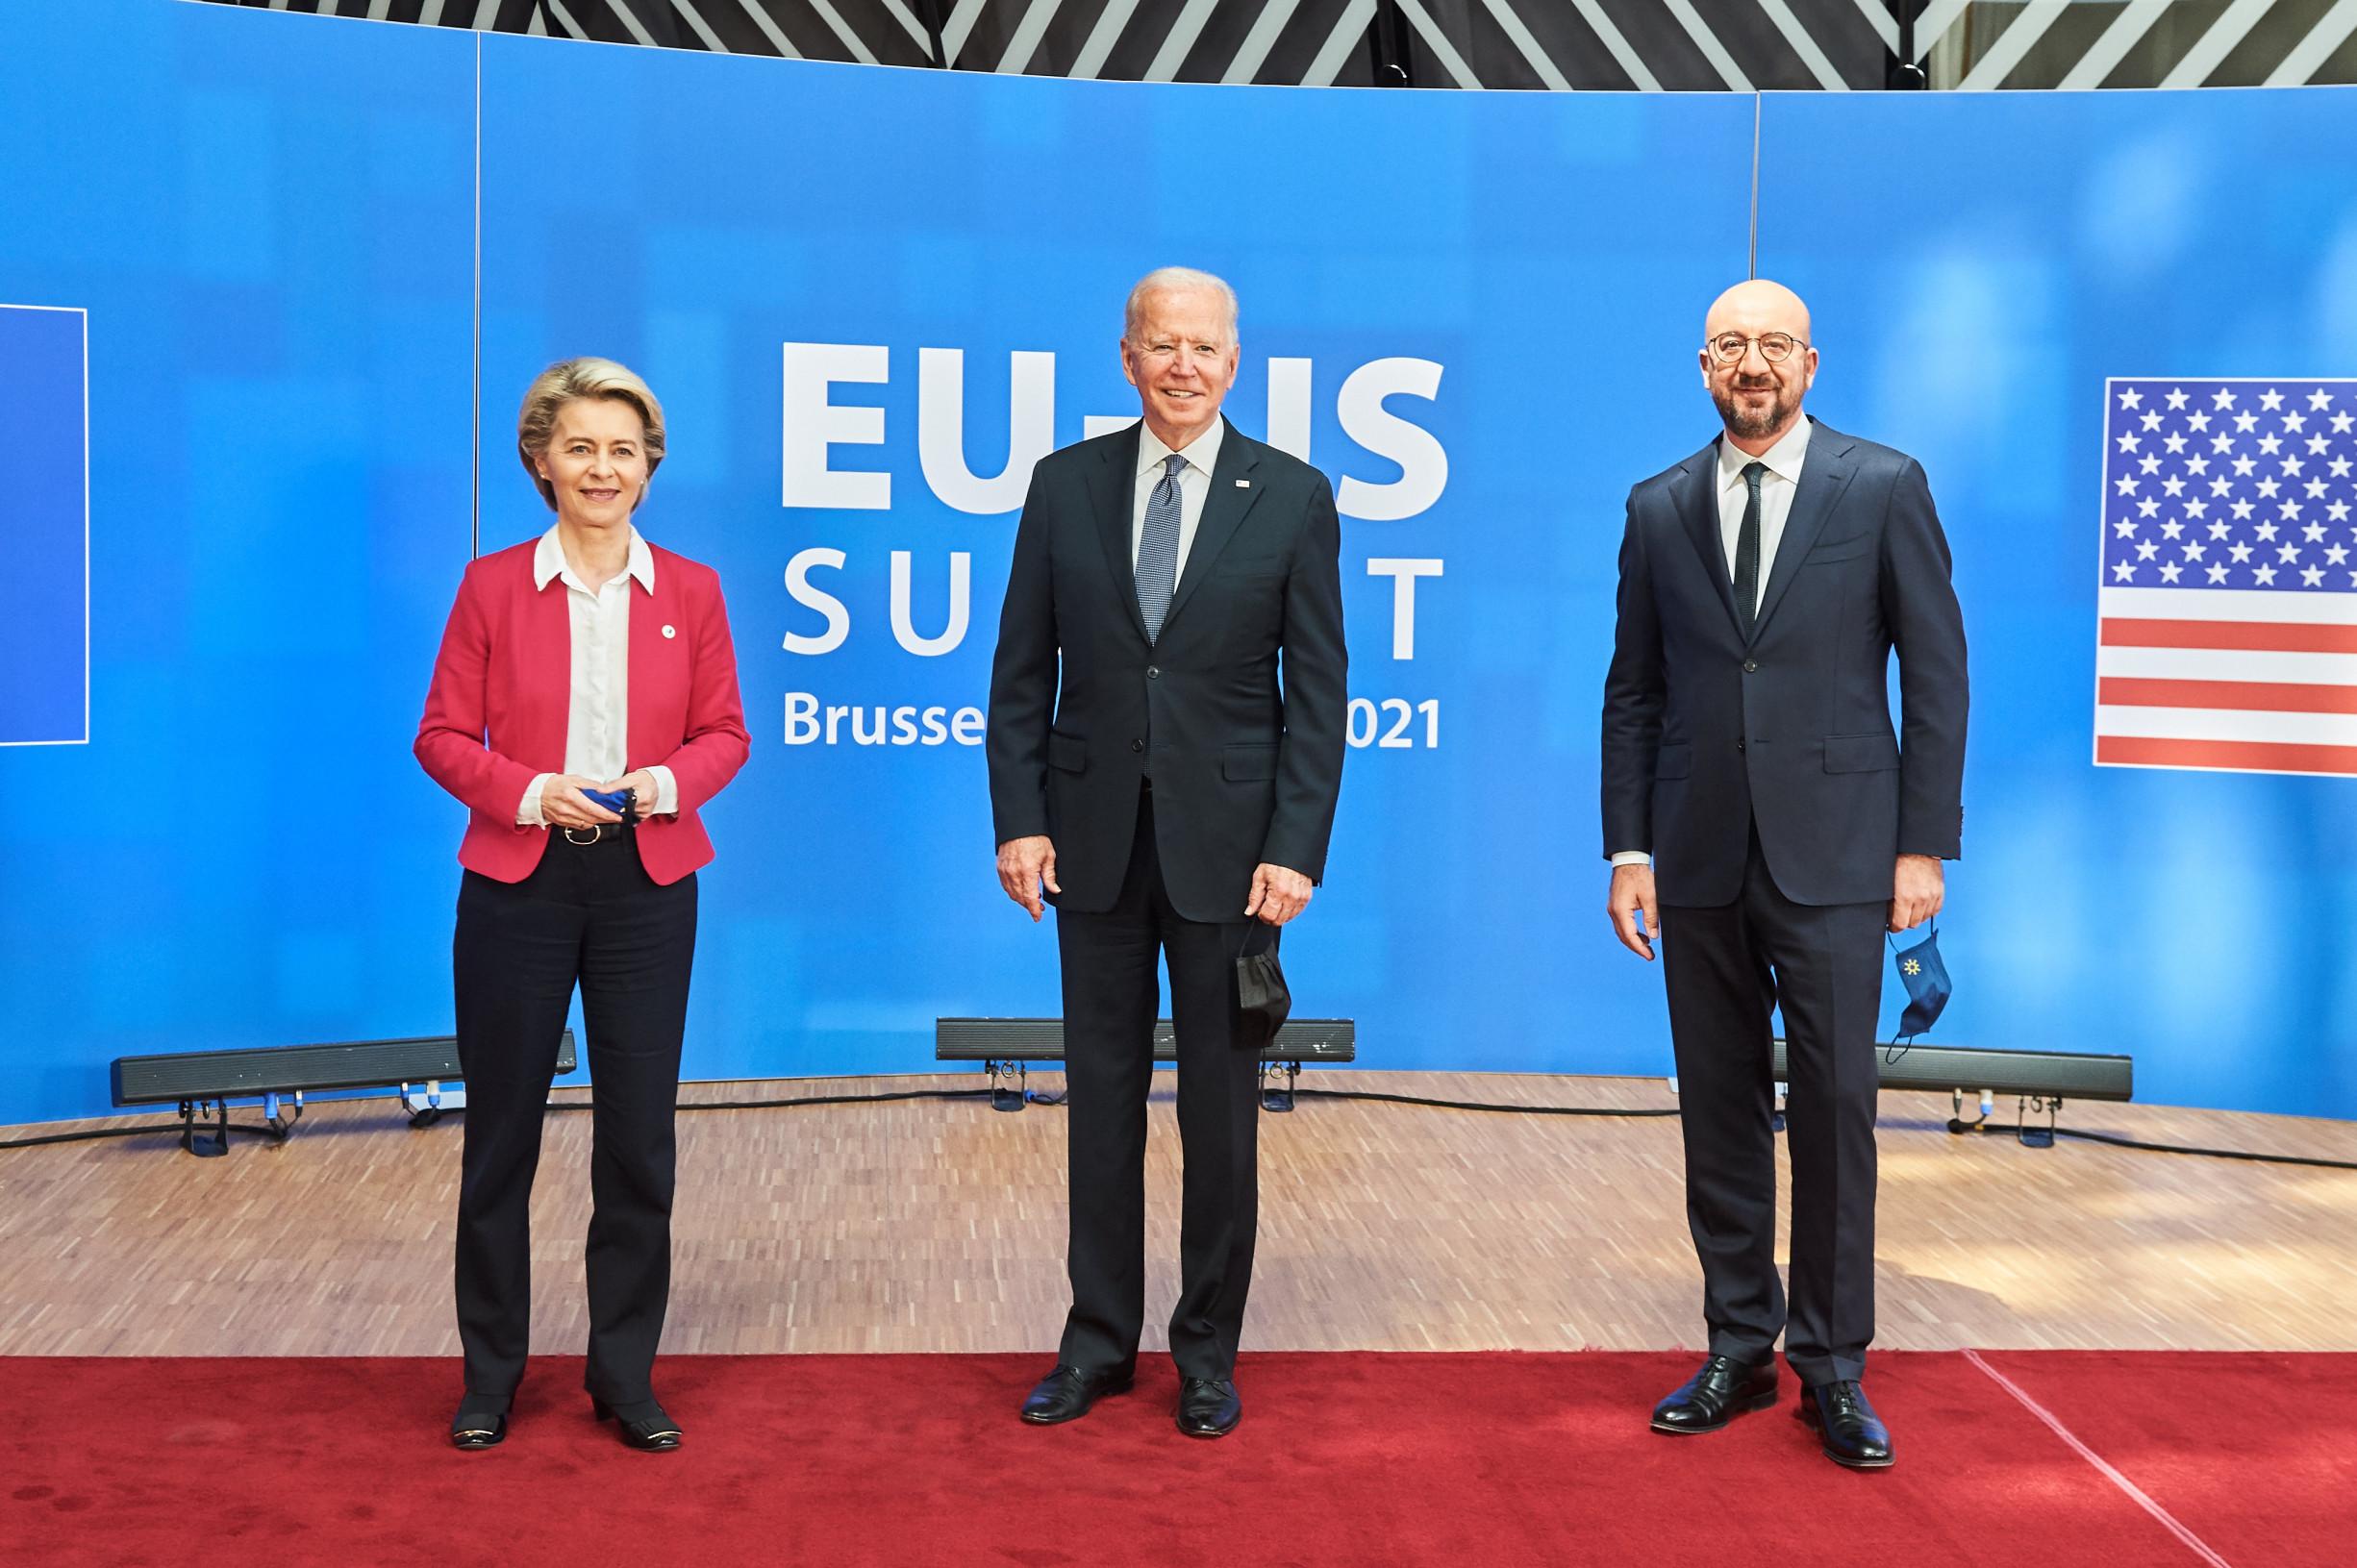 Příměří ve válce opodporu letadel, neúspěch EU ucla na ocel ahliník. Jak se Biden sbližuje sEvropou